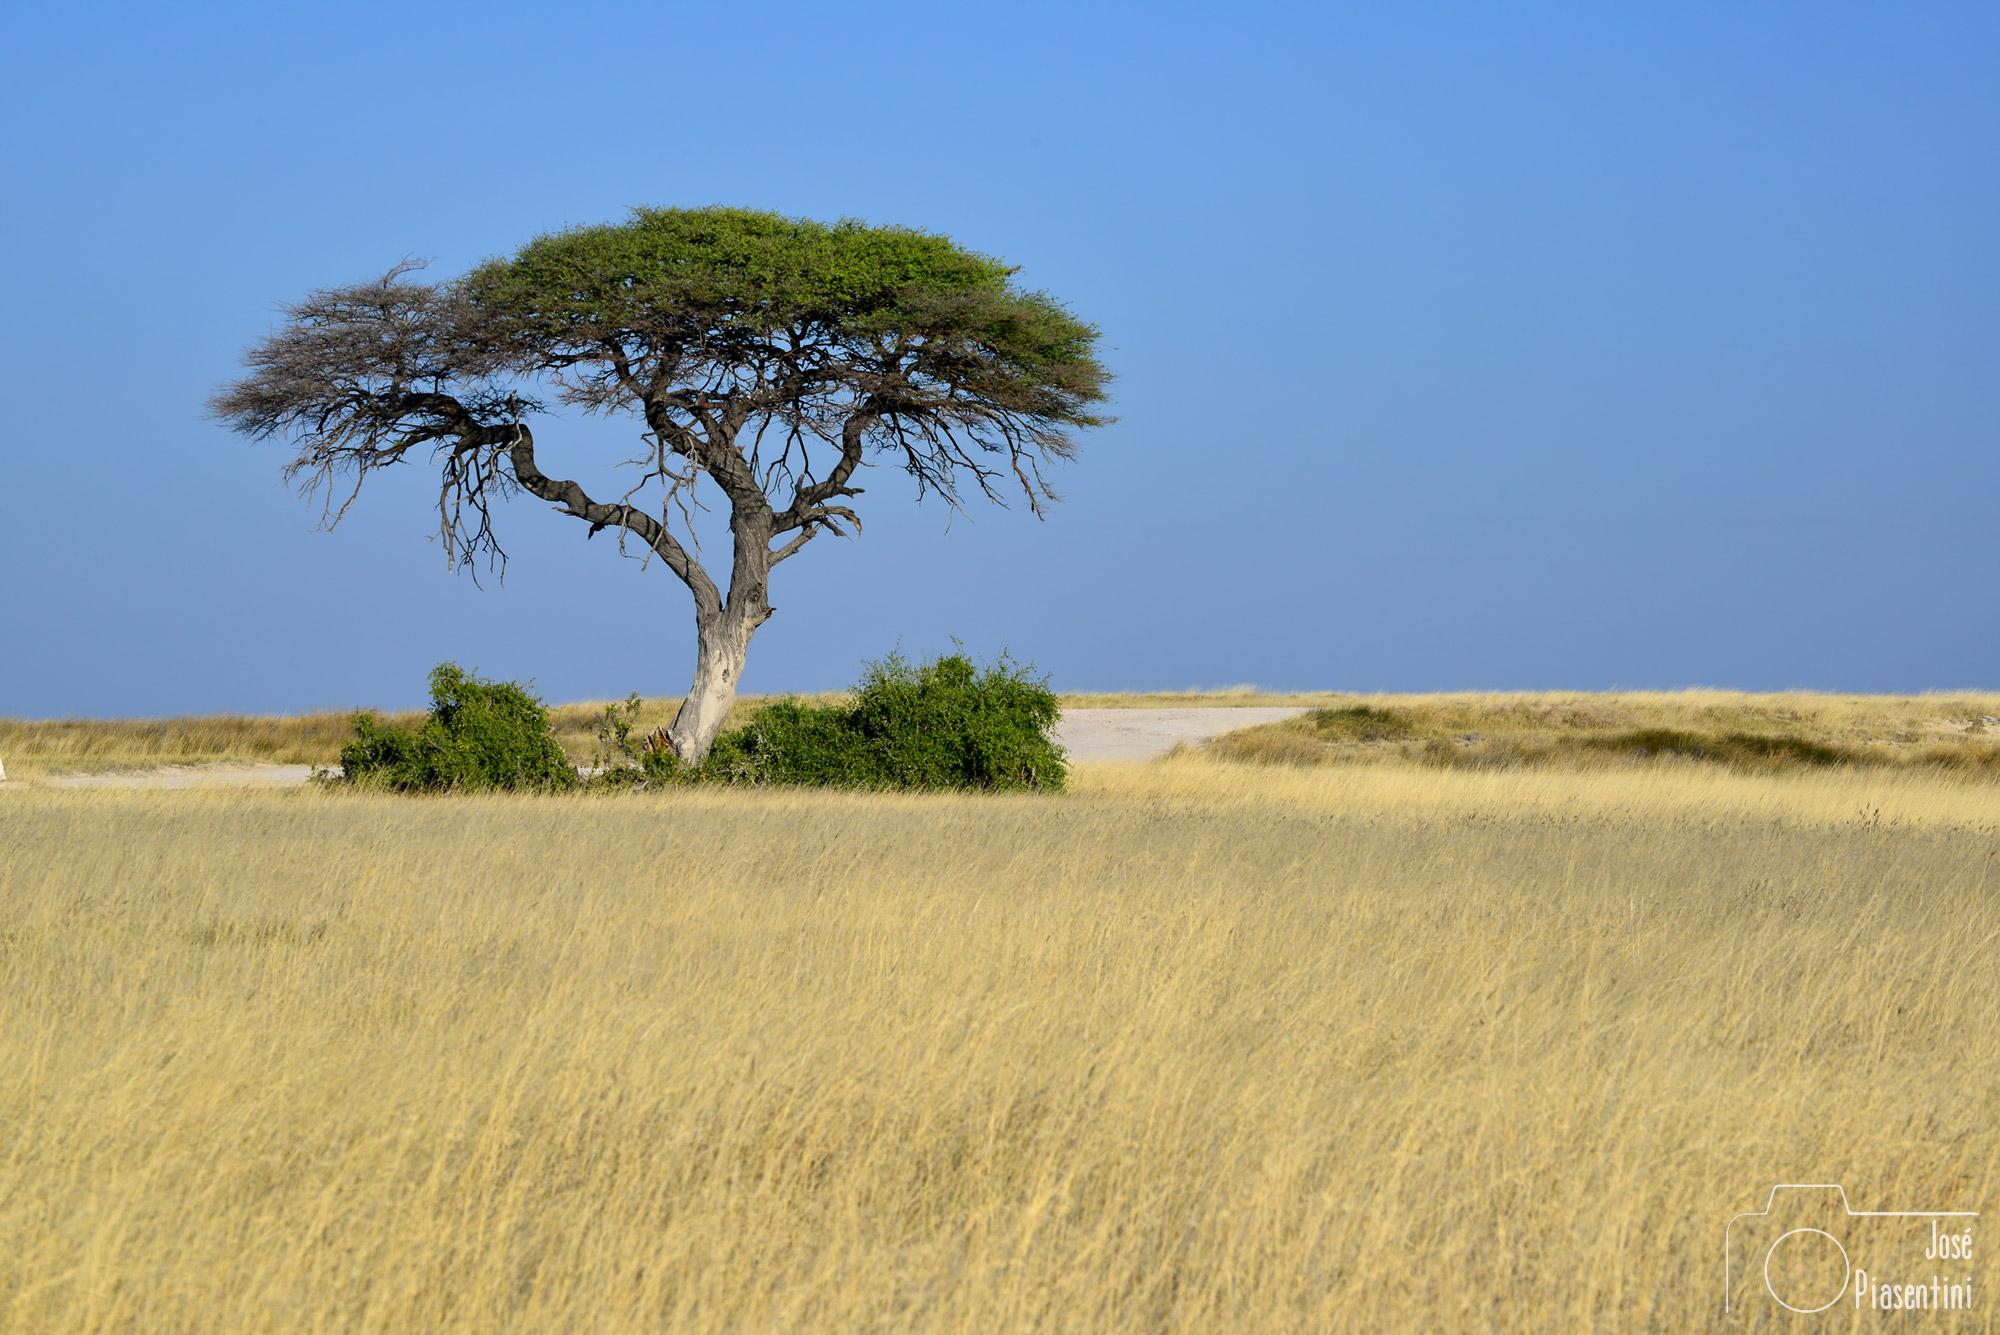 landscape Etosha National Park Namibia